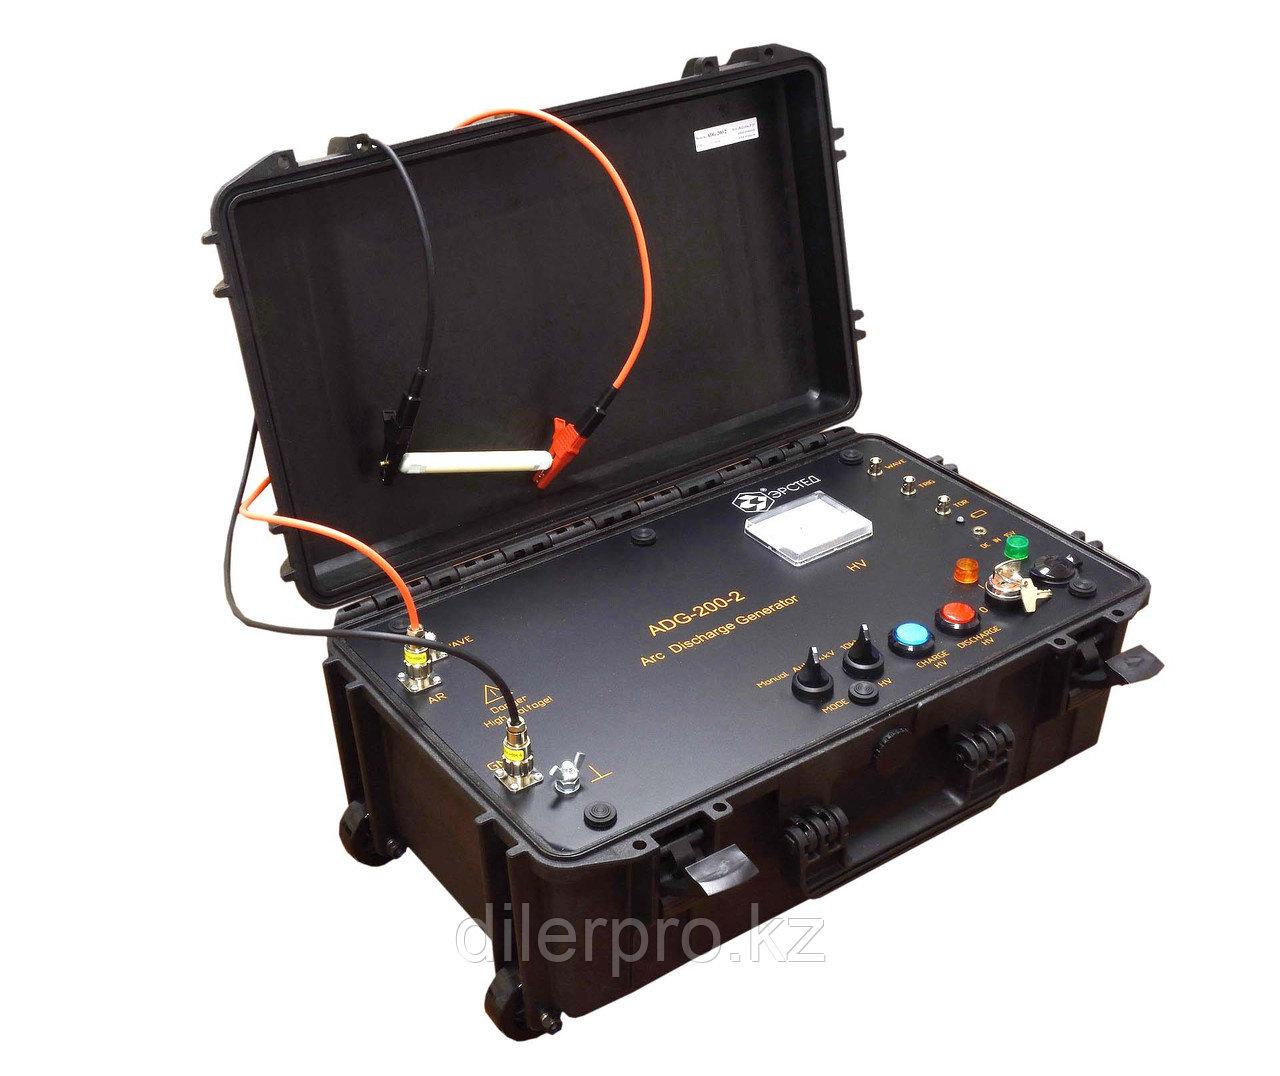 Генератор дуговых разрядов ADG-200-2 «СКАТ-М»